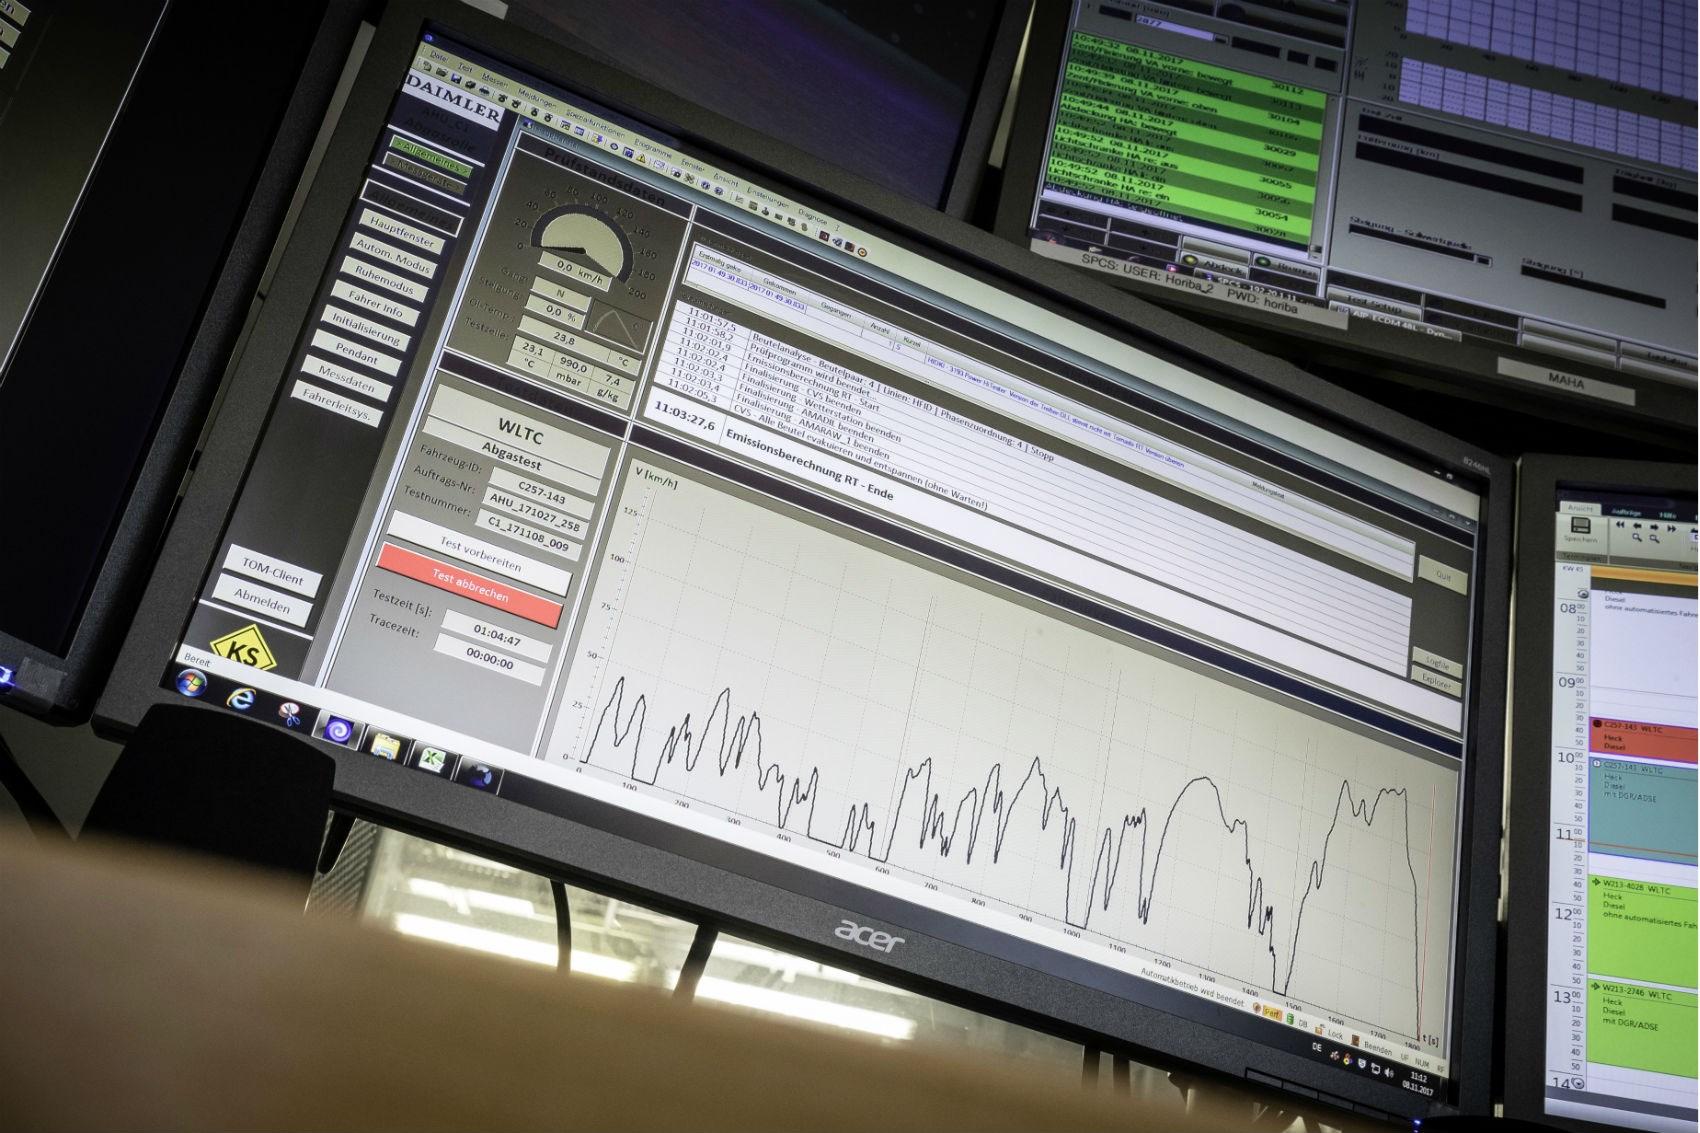 WLTP emissions testing